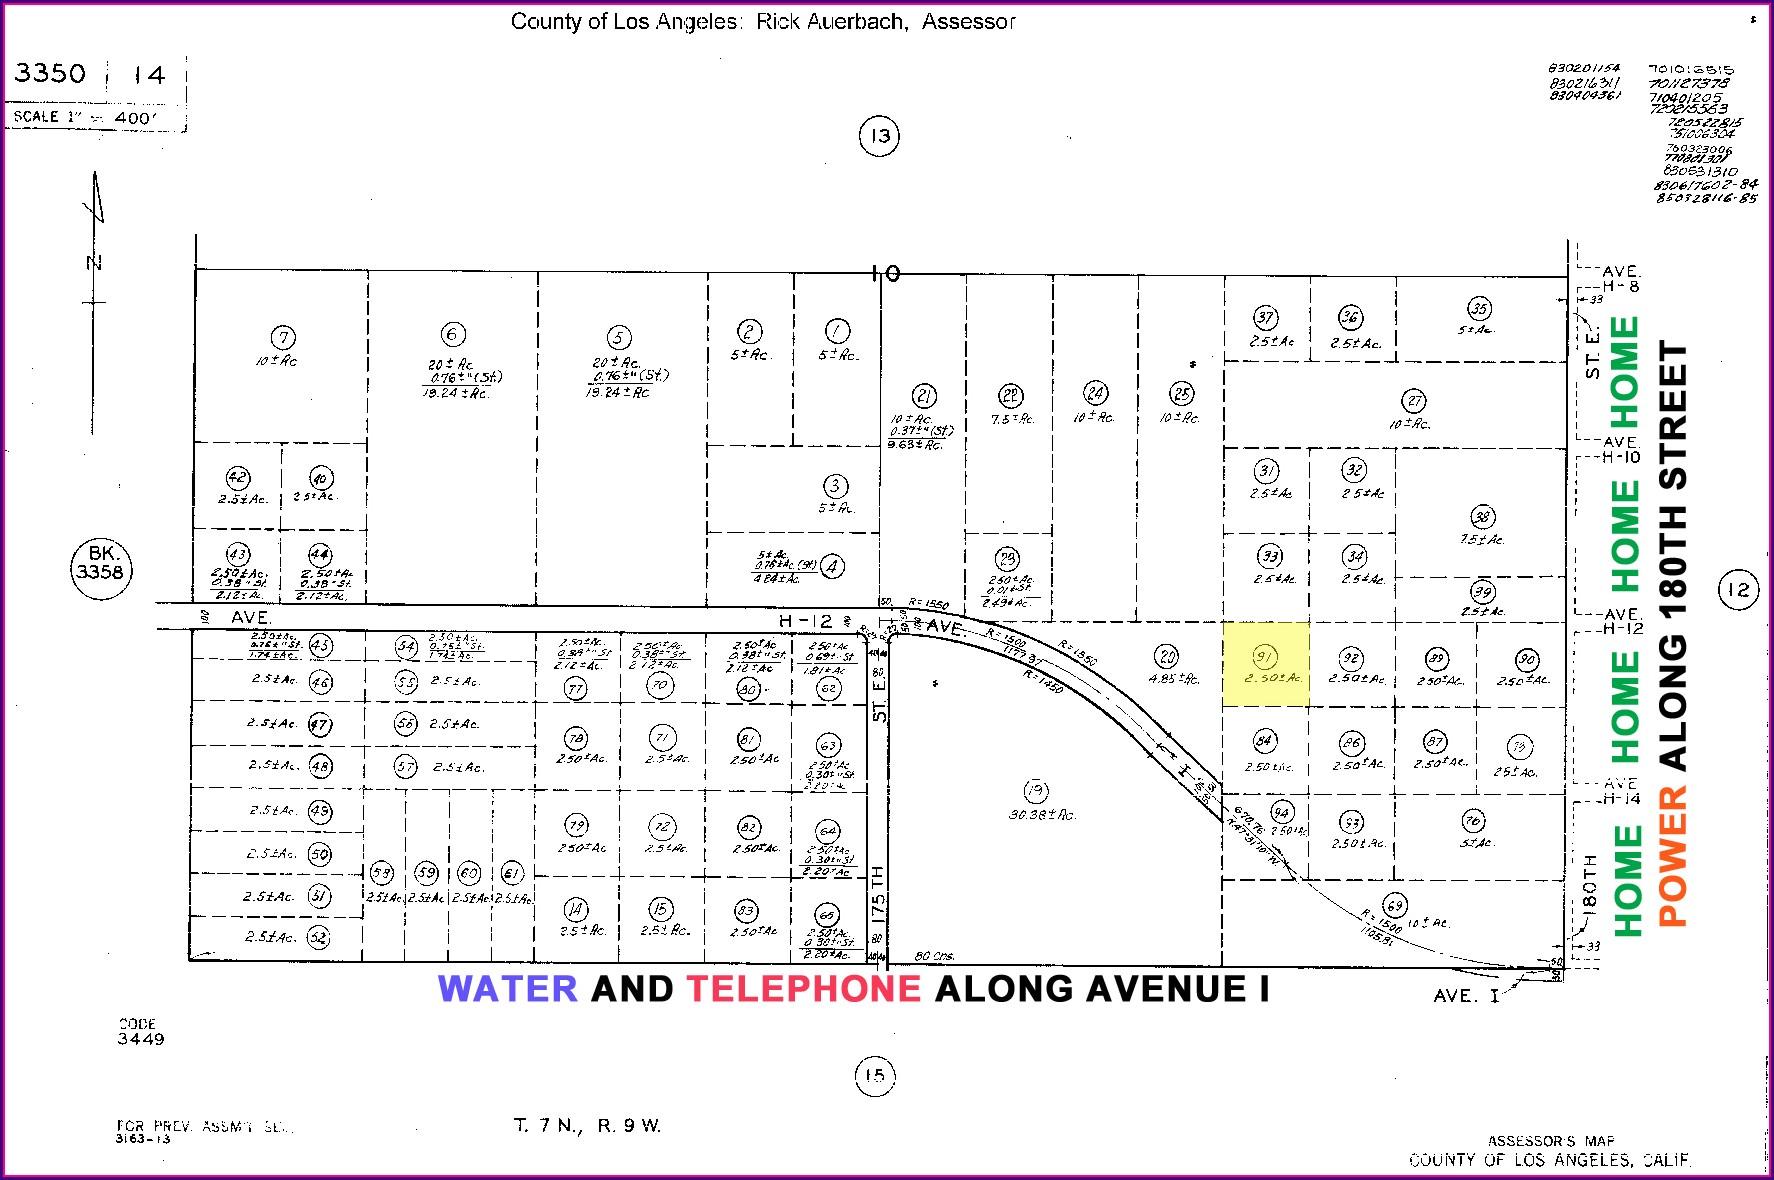 La County Assessor's Map